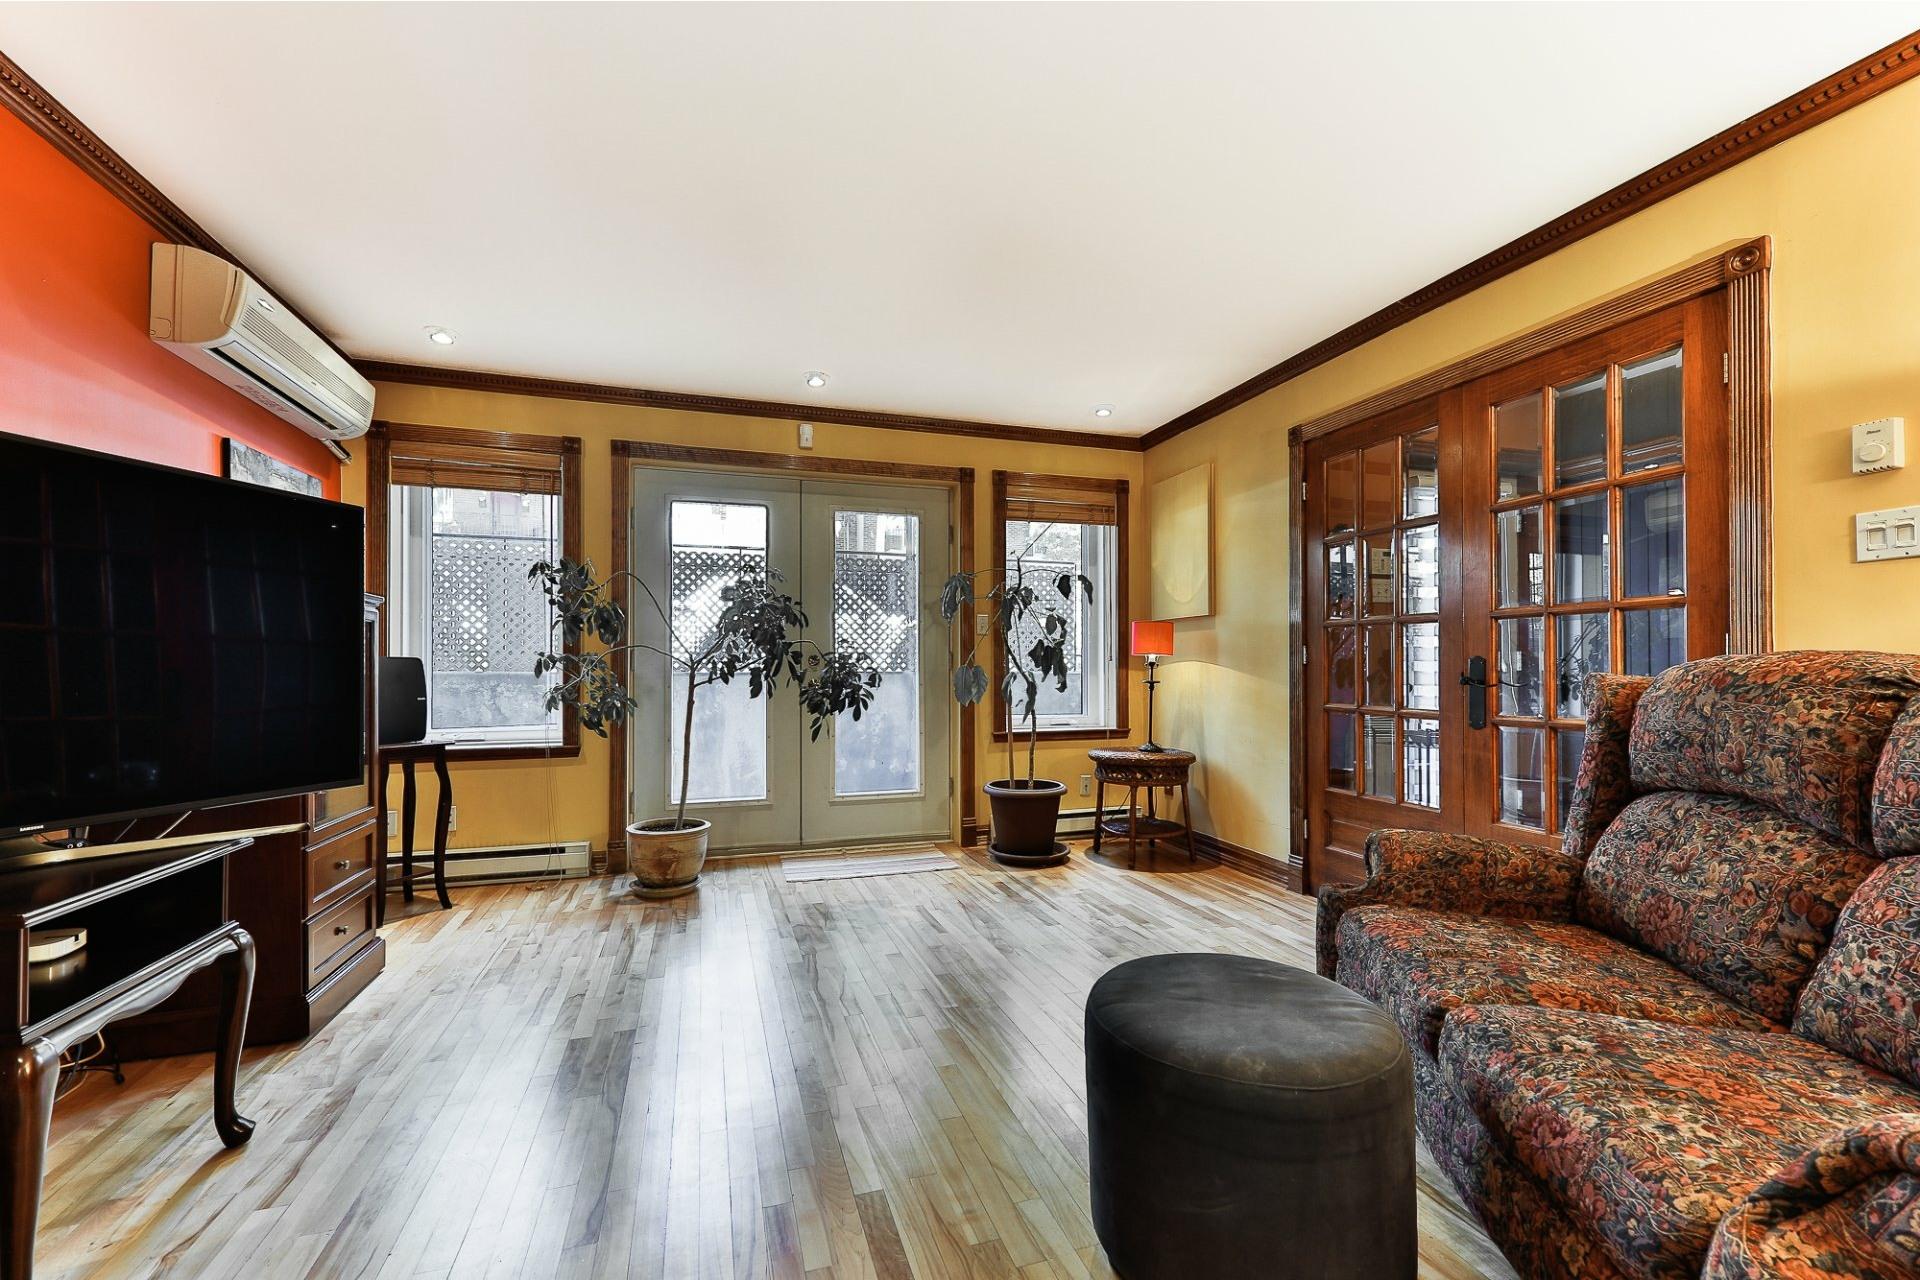 image 2 - Apartment For sale Villeray/Saint-Michel/Parc-Extension Montréal  - 6 rooms